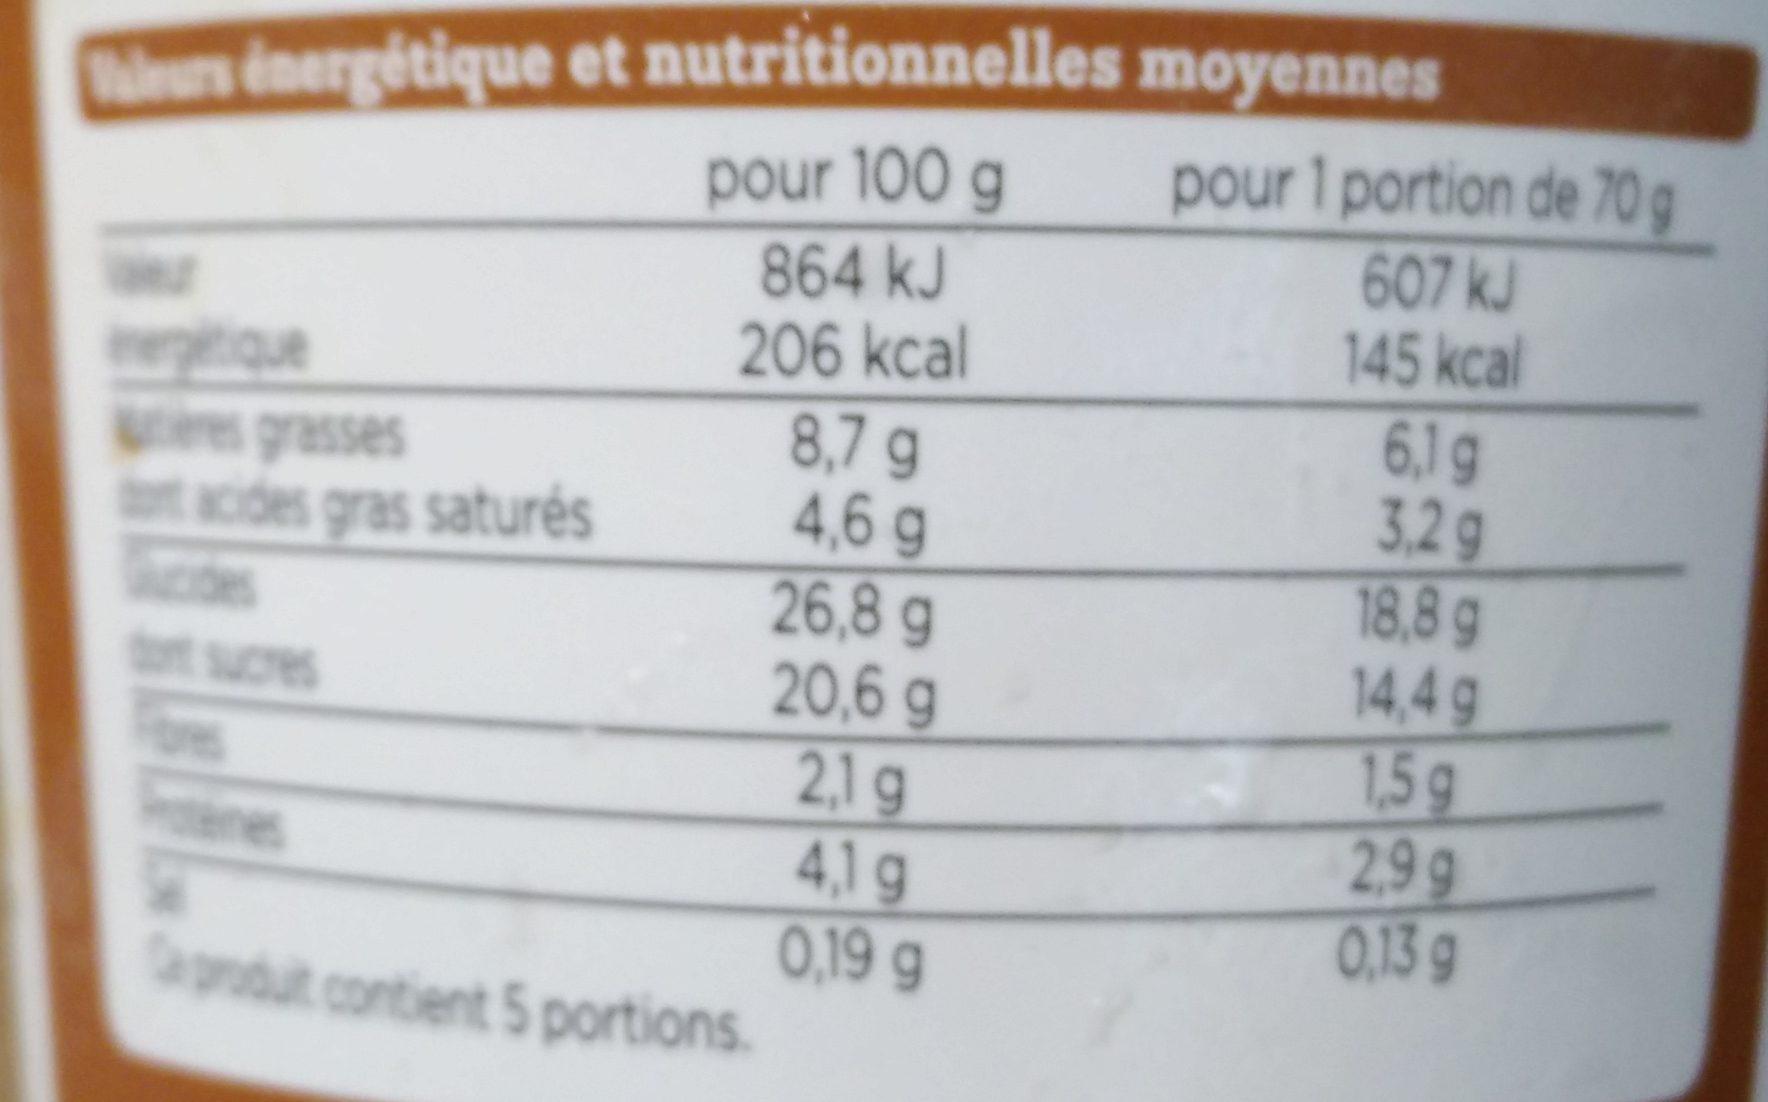 Crème Glacée à la Pâte à Tartiner avec Morceaux de Biscuit - Nutrition facts - fr